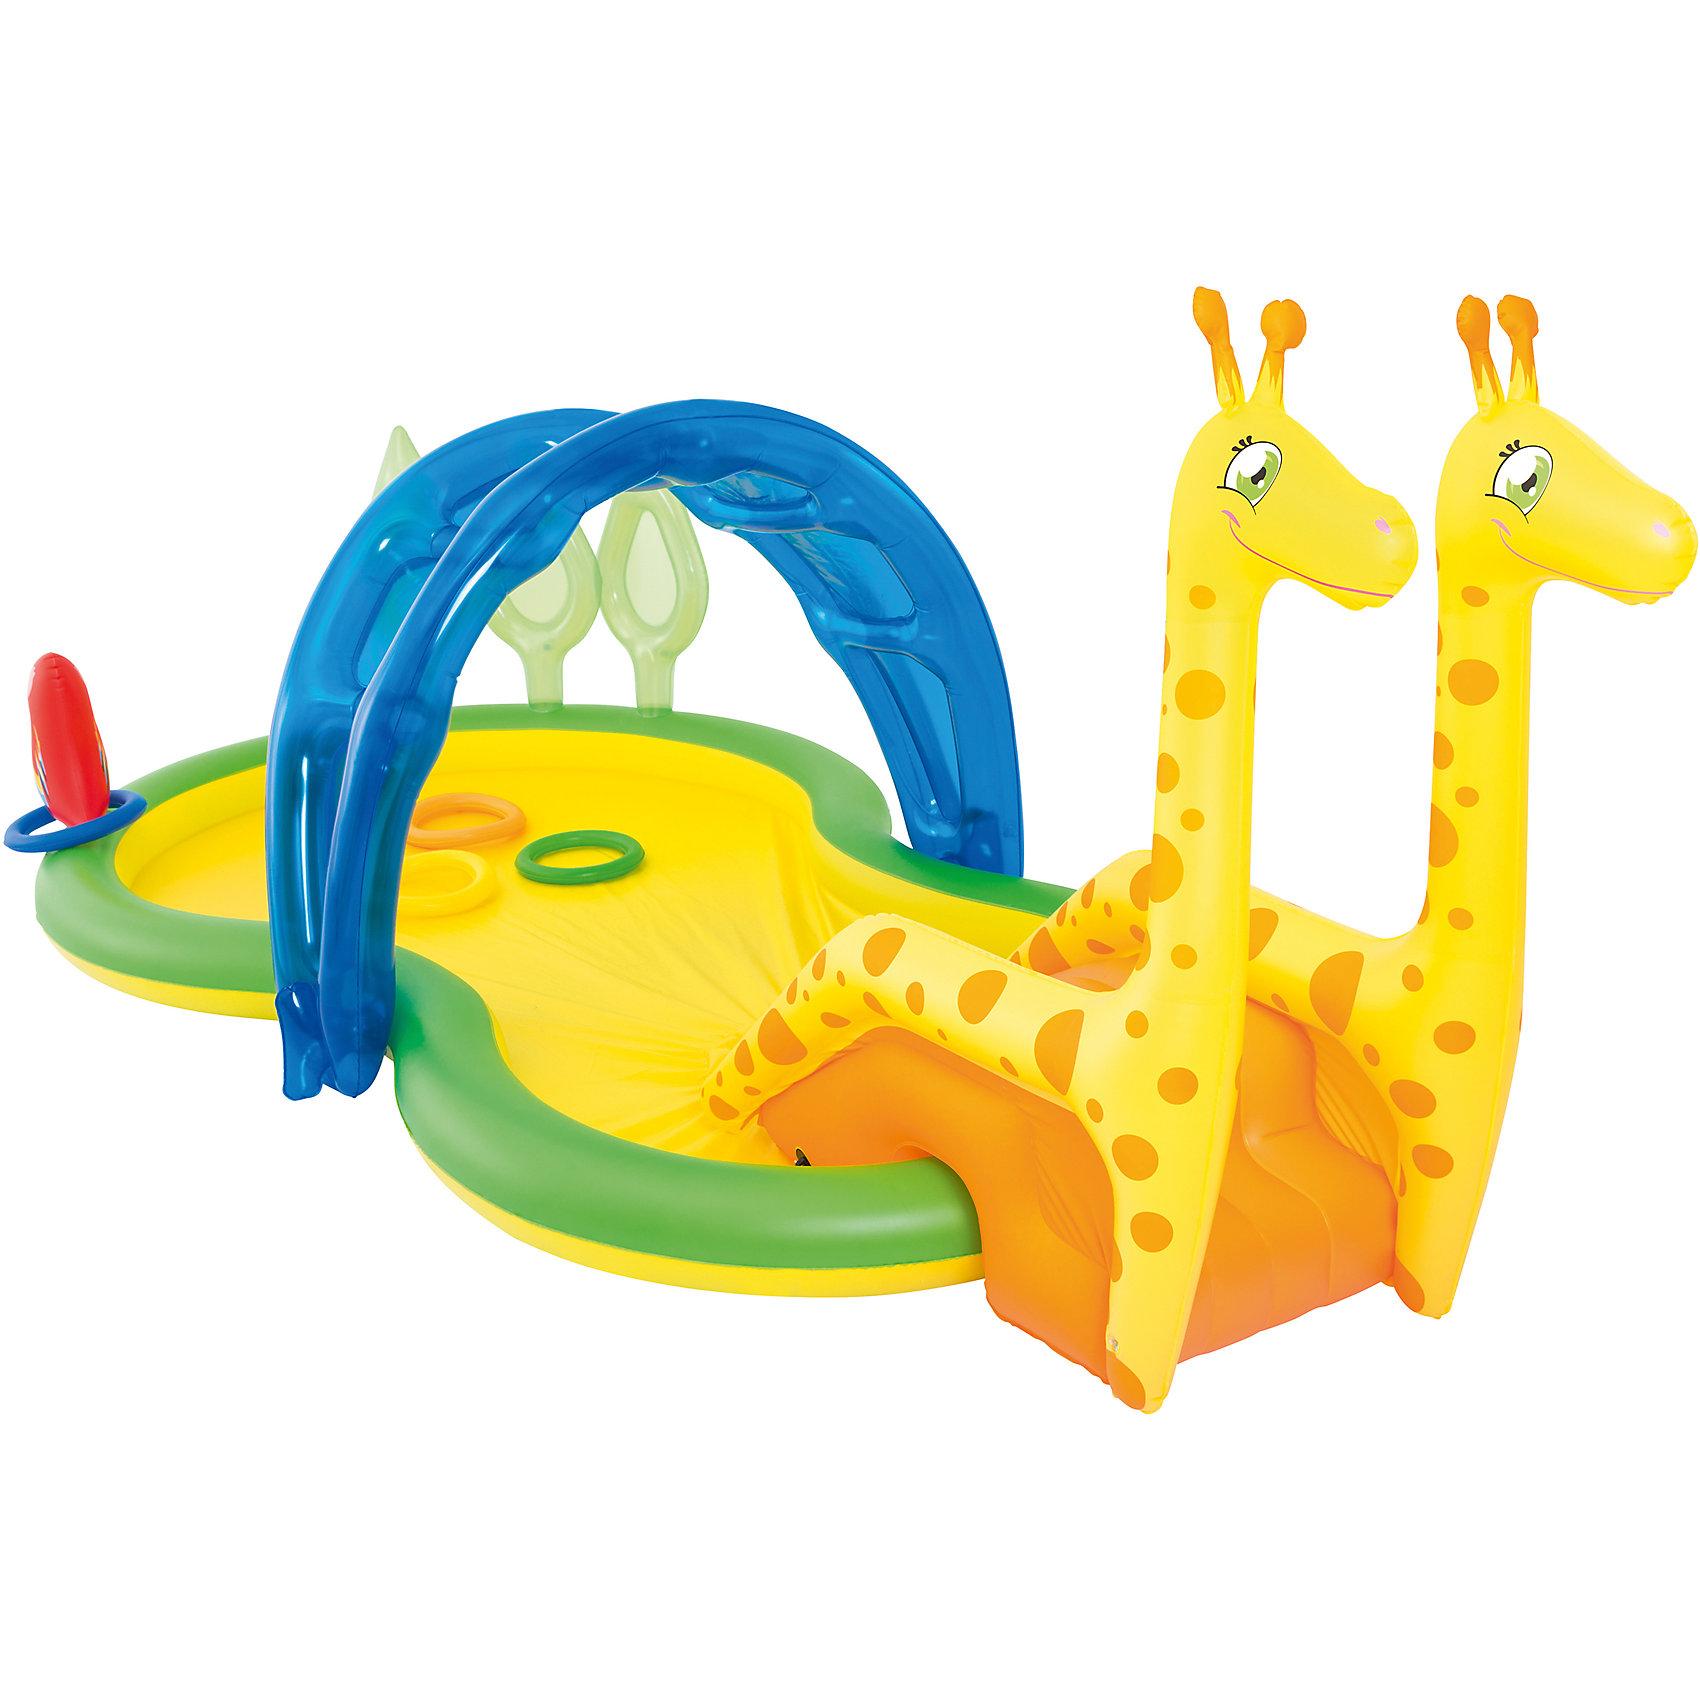 Бассейн с брызгалкой и принадлежностями для игр Зоопарк, BestwayБассейны<br>Бассейн с брызгалкой и принадлежностями для игр Зоопарк, Bestway (Бествей)<br><br>Характеристики:<br><br>• небольшая горка и игрушки<br>• клапан для слива воды<br>• освежающая брызгалка<br>• материал: ПВХ<br>• размер: 338х167х129 см<br>• объем: 201 л<br>• размер упаковки: 15х40х40 см<br>• вес: 5444 грамма<br><br>С большим надувным бассейном ребенок не заскучает в жаркий летний день! Бассейн оснащен клапаном для слива воды и распылителем, который поможет детям освежиться во время игр. Бассейн выполнен в виде жирафа. Небольшая горка, игрушки и аксессуары надолго привлекут внимание малышей. Бассейн можно подключить к садовому шлангу. <br><br>Бассейн с брызгалкой и принадлежностями для игр Зоопарк, Bestway (Бествей) можно купить в нашем интернет-магазине.<br><br>Ширина мм: 420<br>Глубина мм: 310<br>Высота мм: 415<br>Вес г: 5444<br>Возраст от месяцев: 24<br>Возраст до месяцев: 2147483647<br>Пол: Унисекс<br>Возраст: Детский<br>SKU: 5486911